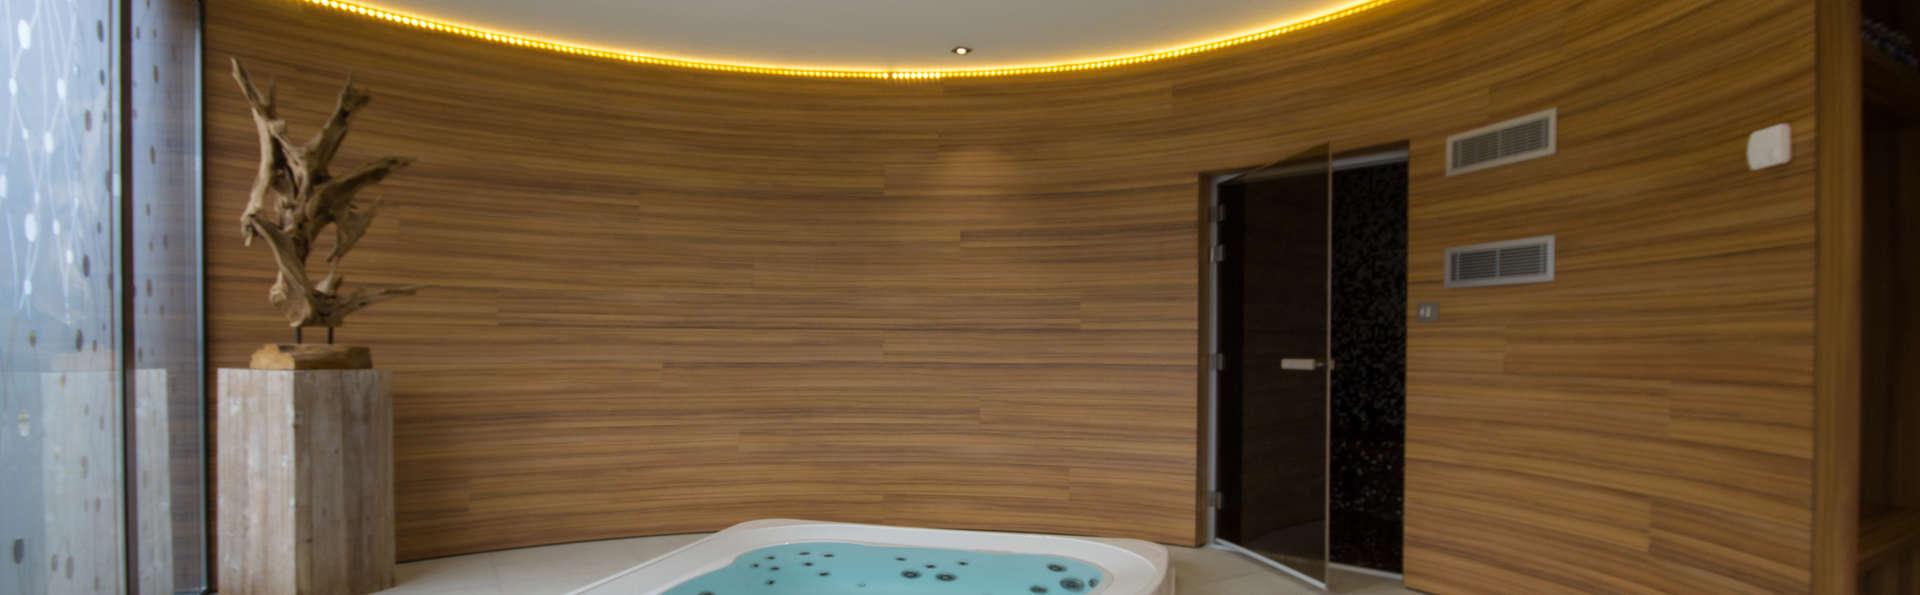 week end d tente bien tre pl rin 22 avec acc s au spa. Black Bedroom Furniture Sets. Home Design Ideas